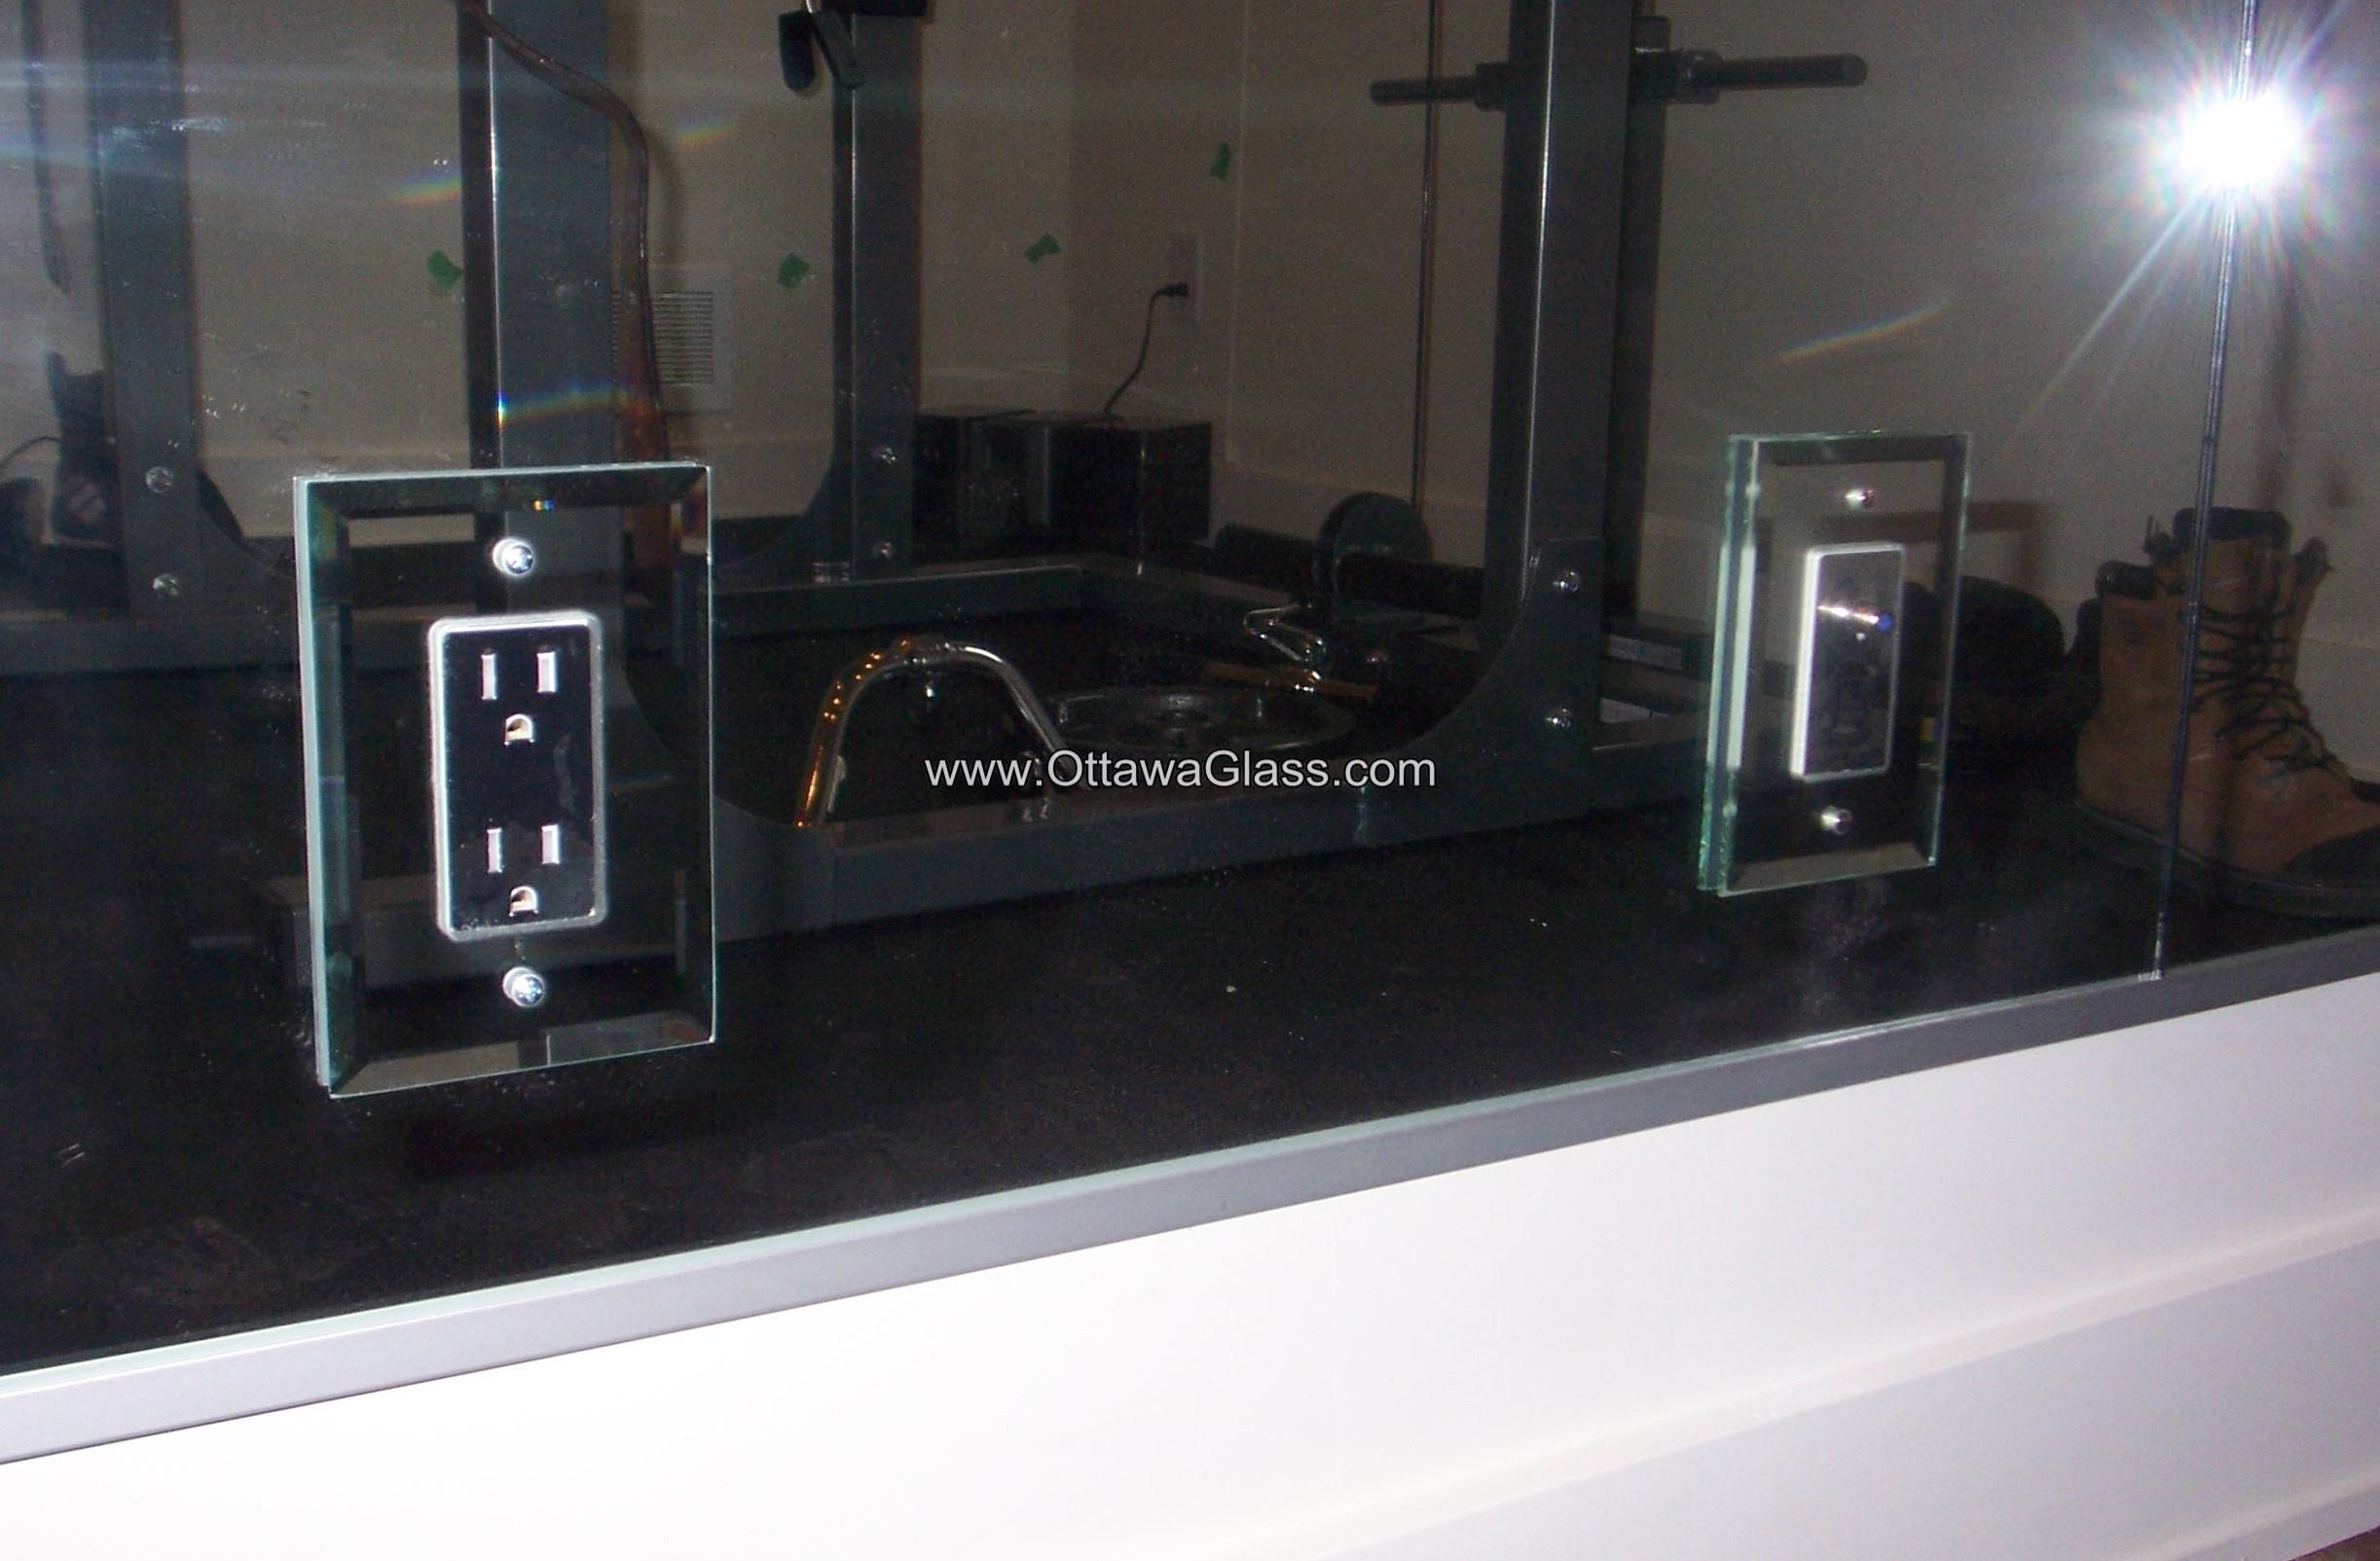 ottawa glass mirrors